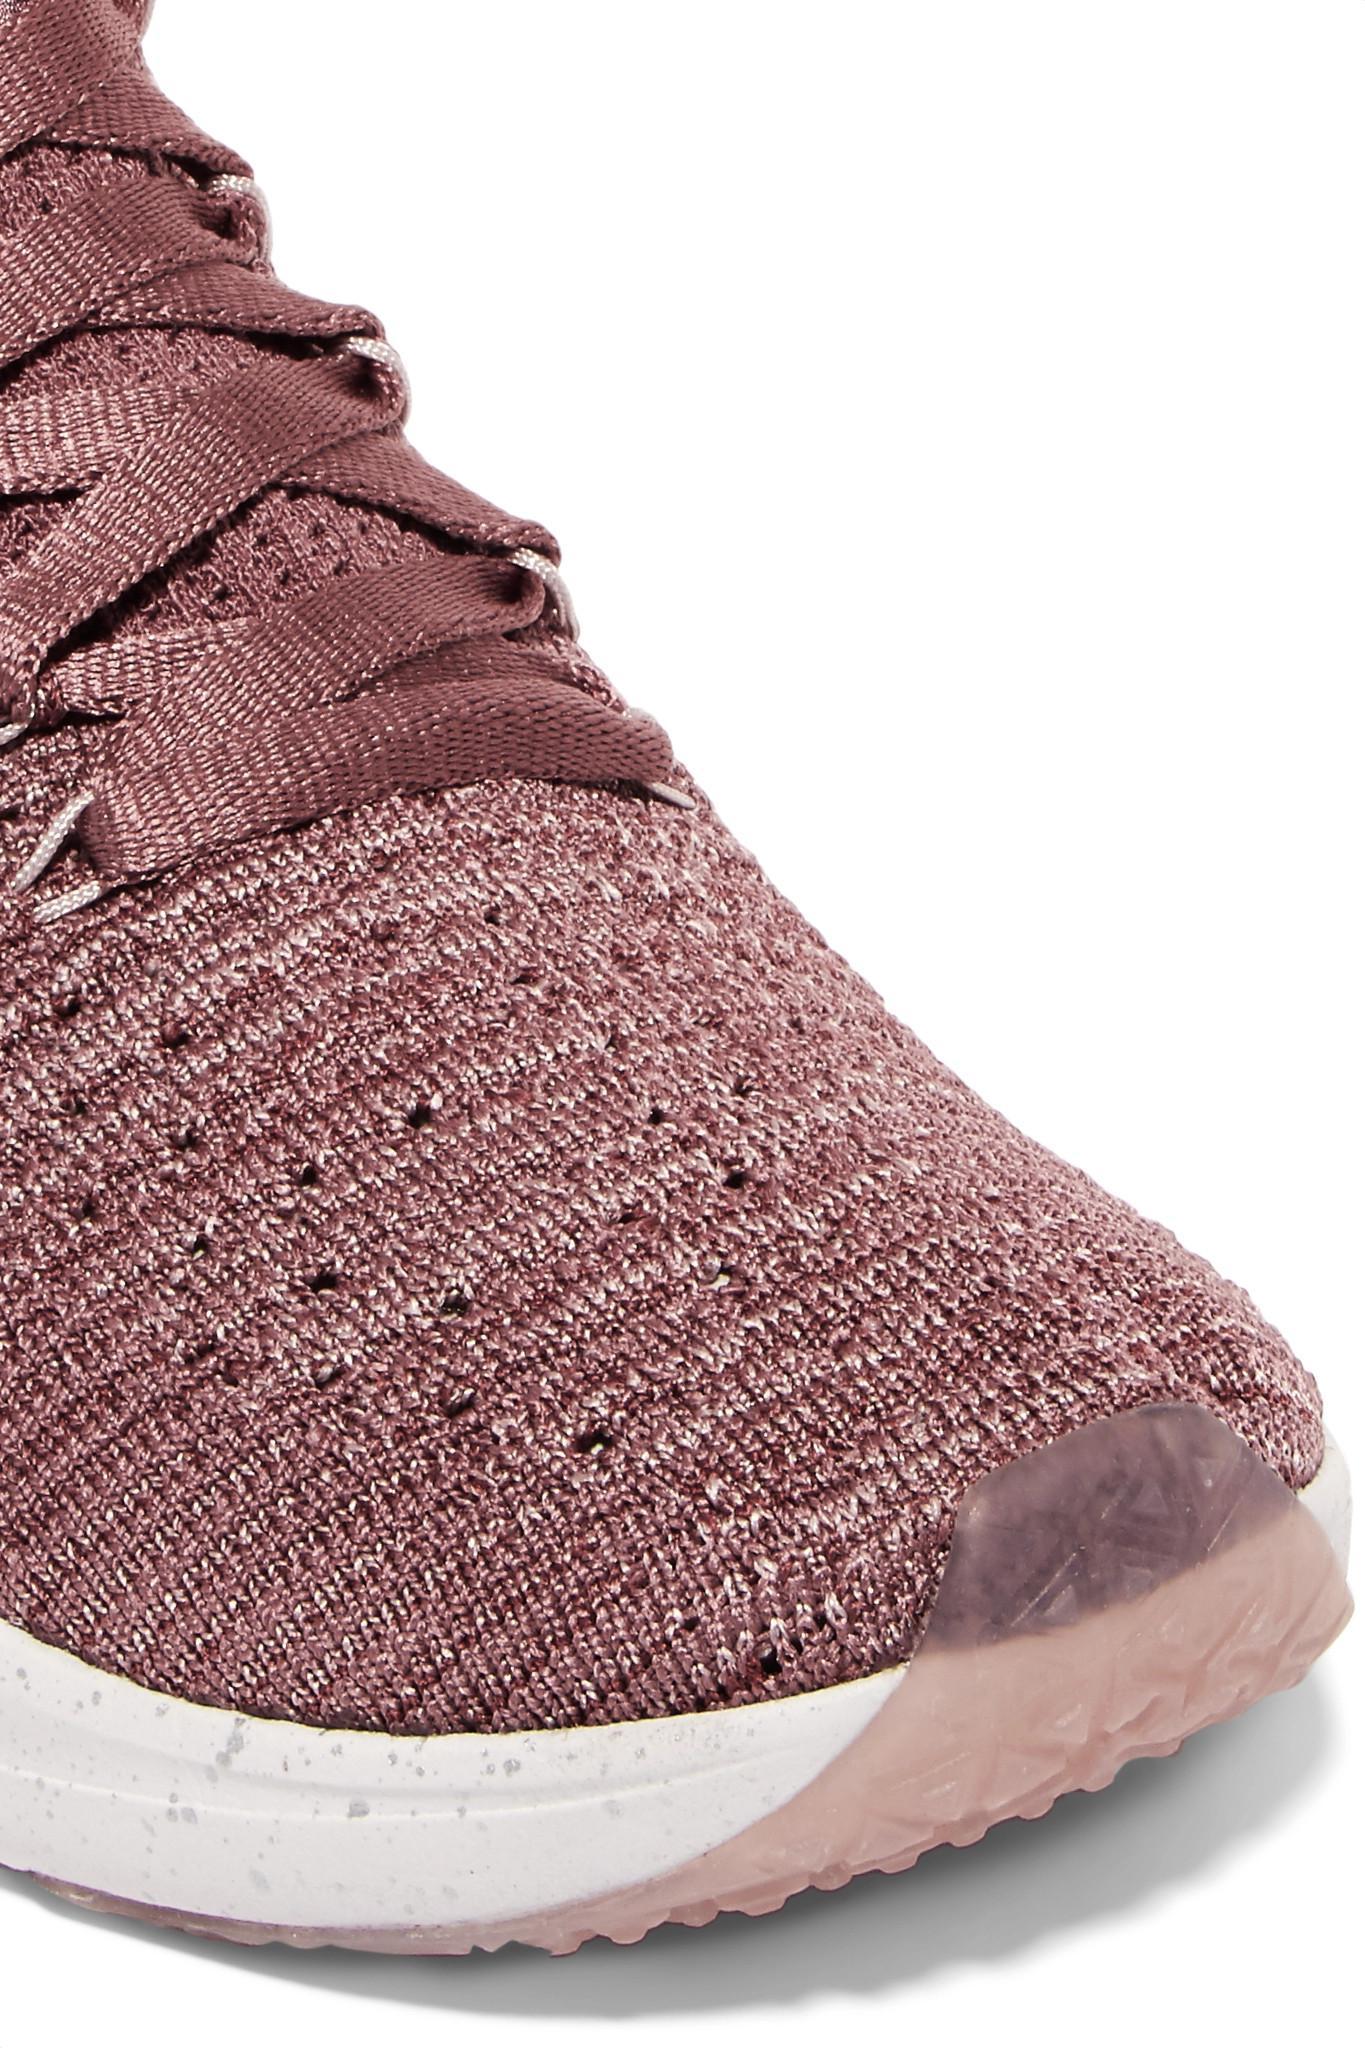 5fe31f3dd615 Lyst - Nike Air Zoom Fearless Flyknit Sneakers in Pink